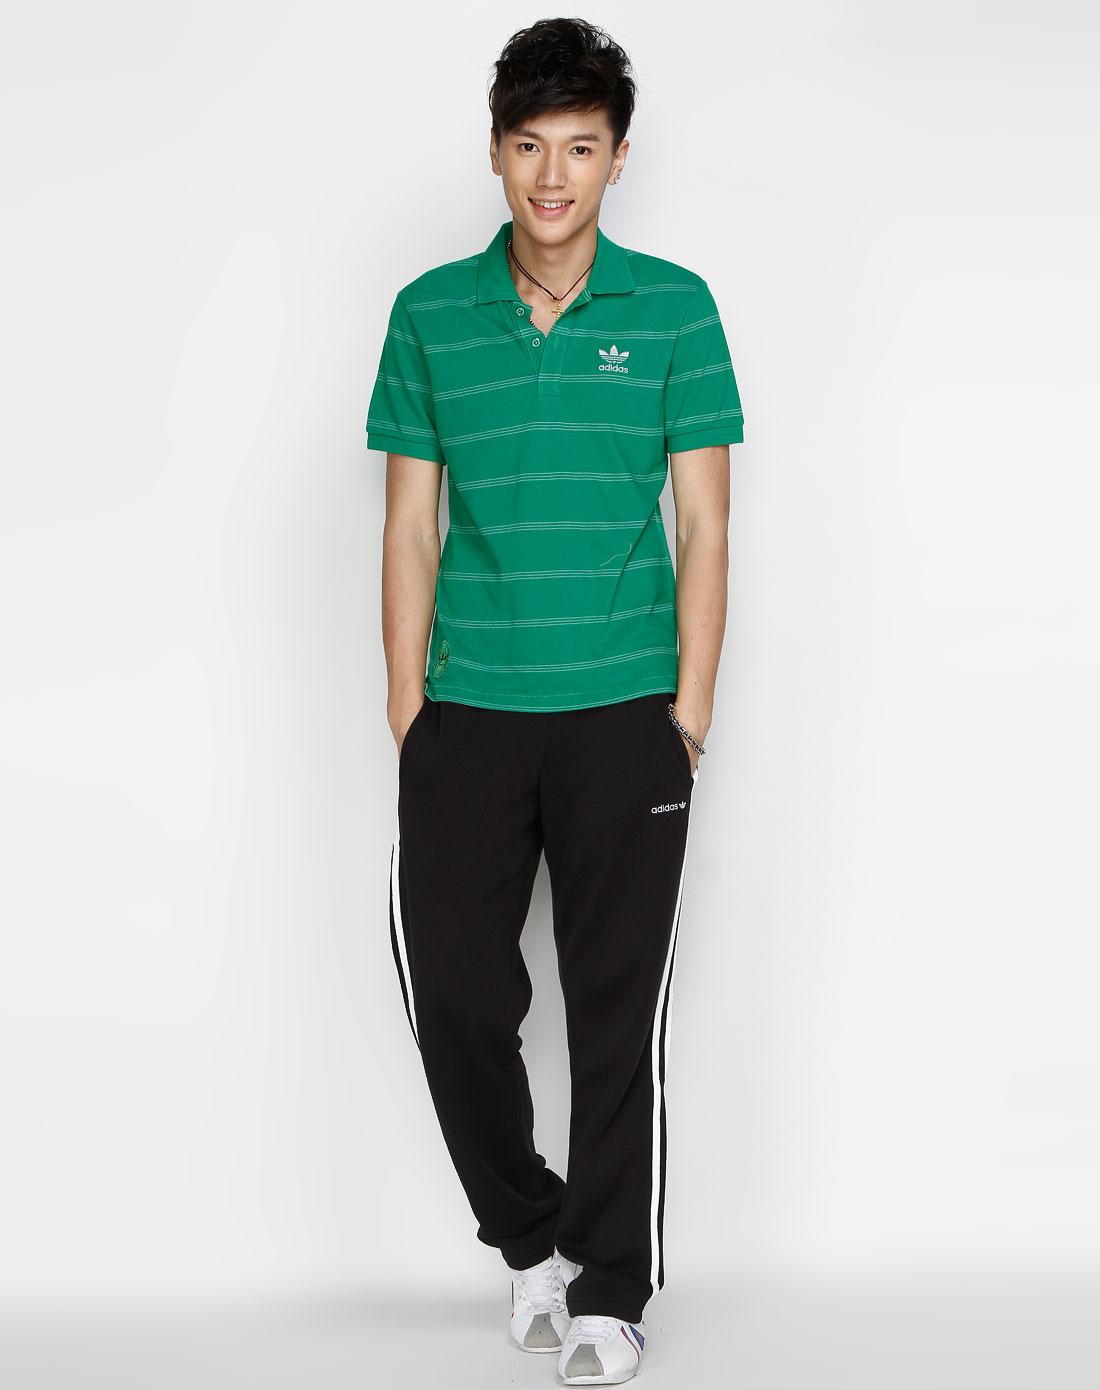 阿迪达斯adidas男装专场-三叶草 男款 绿色休闲短袖polo上衣